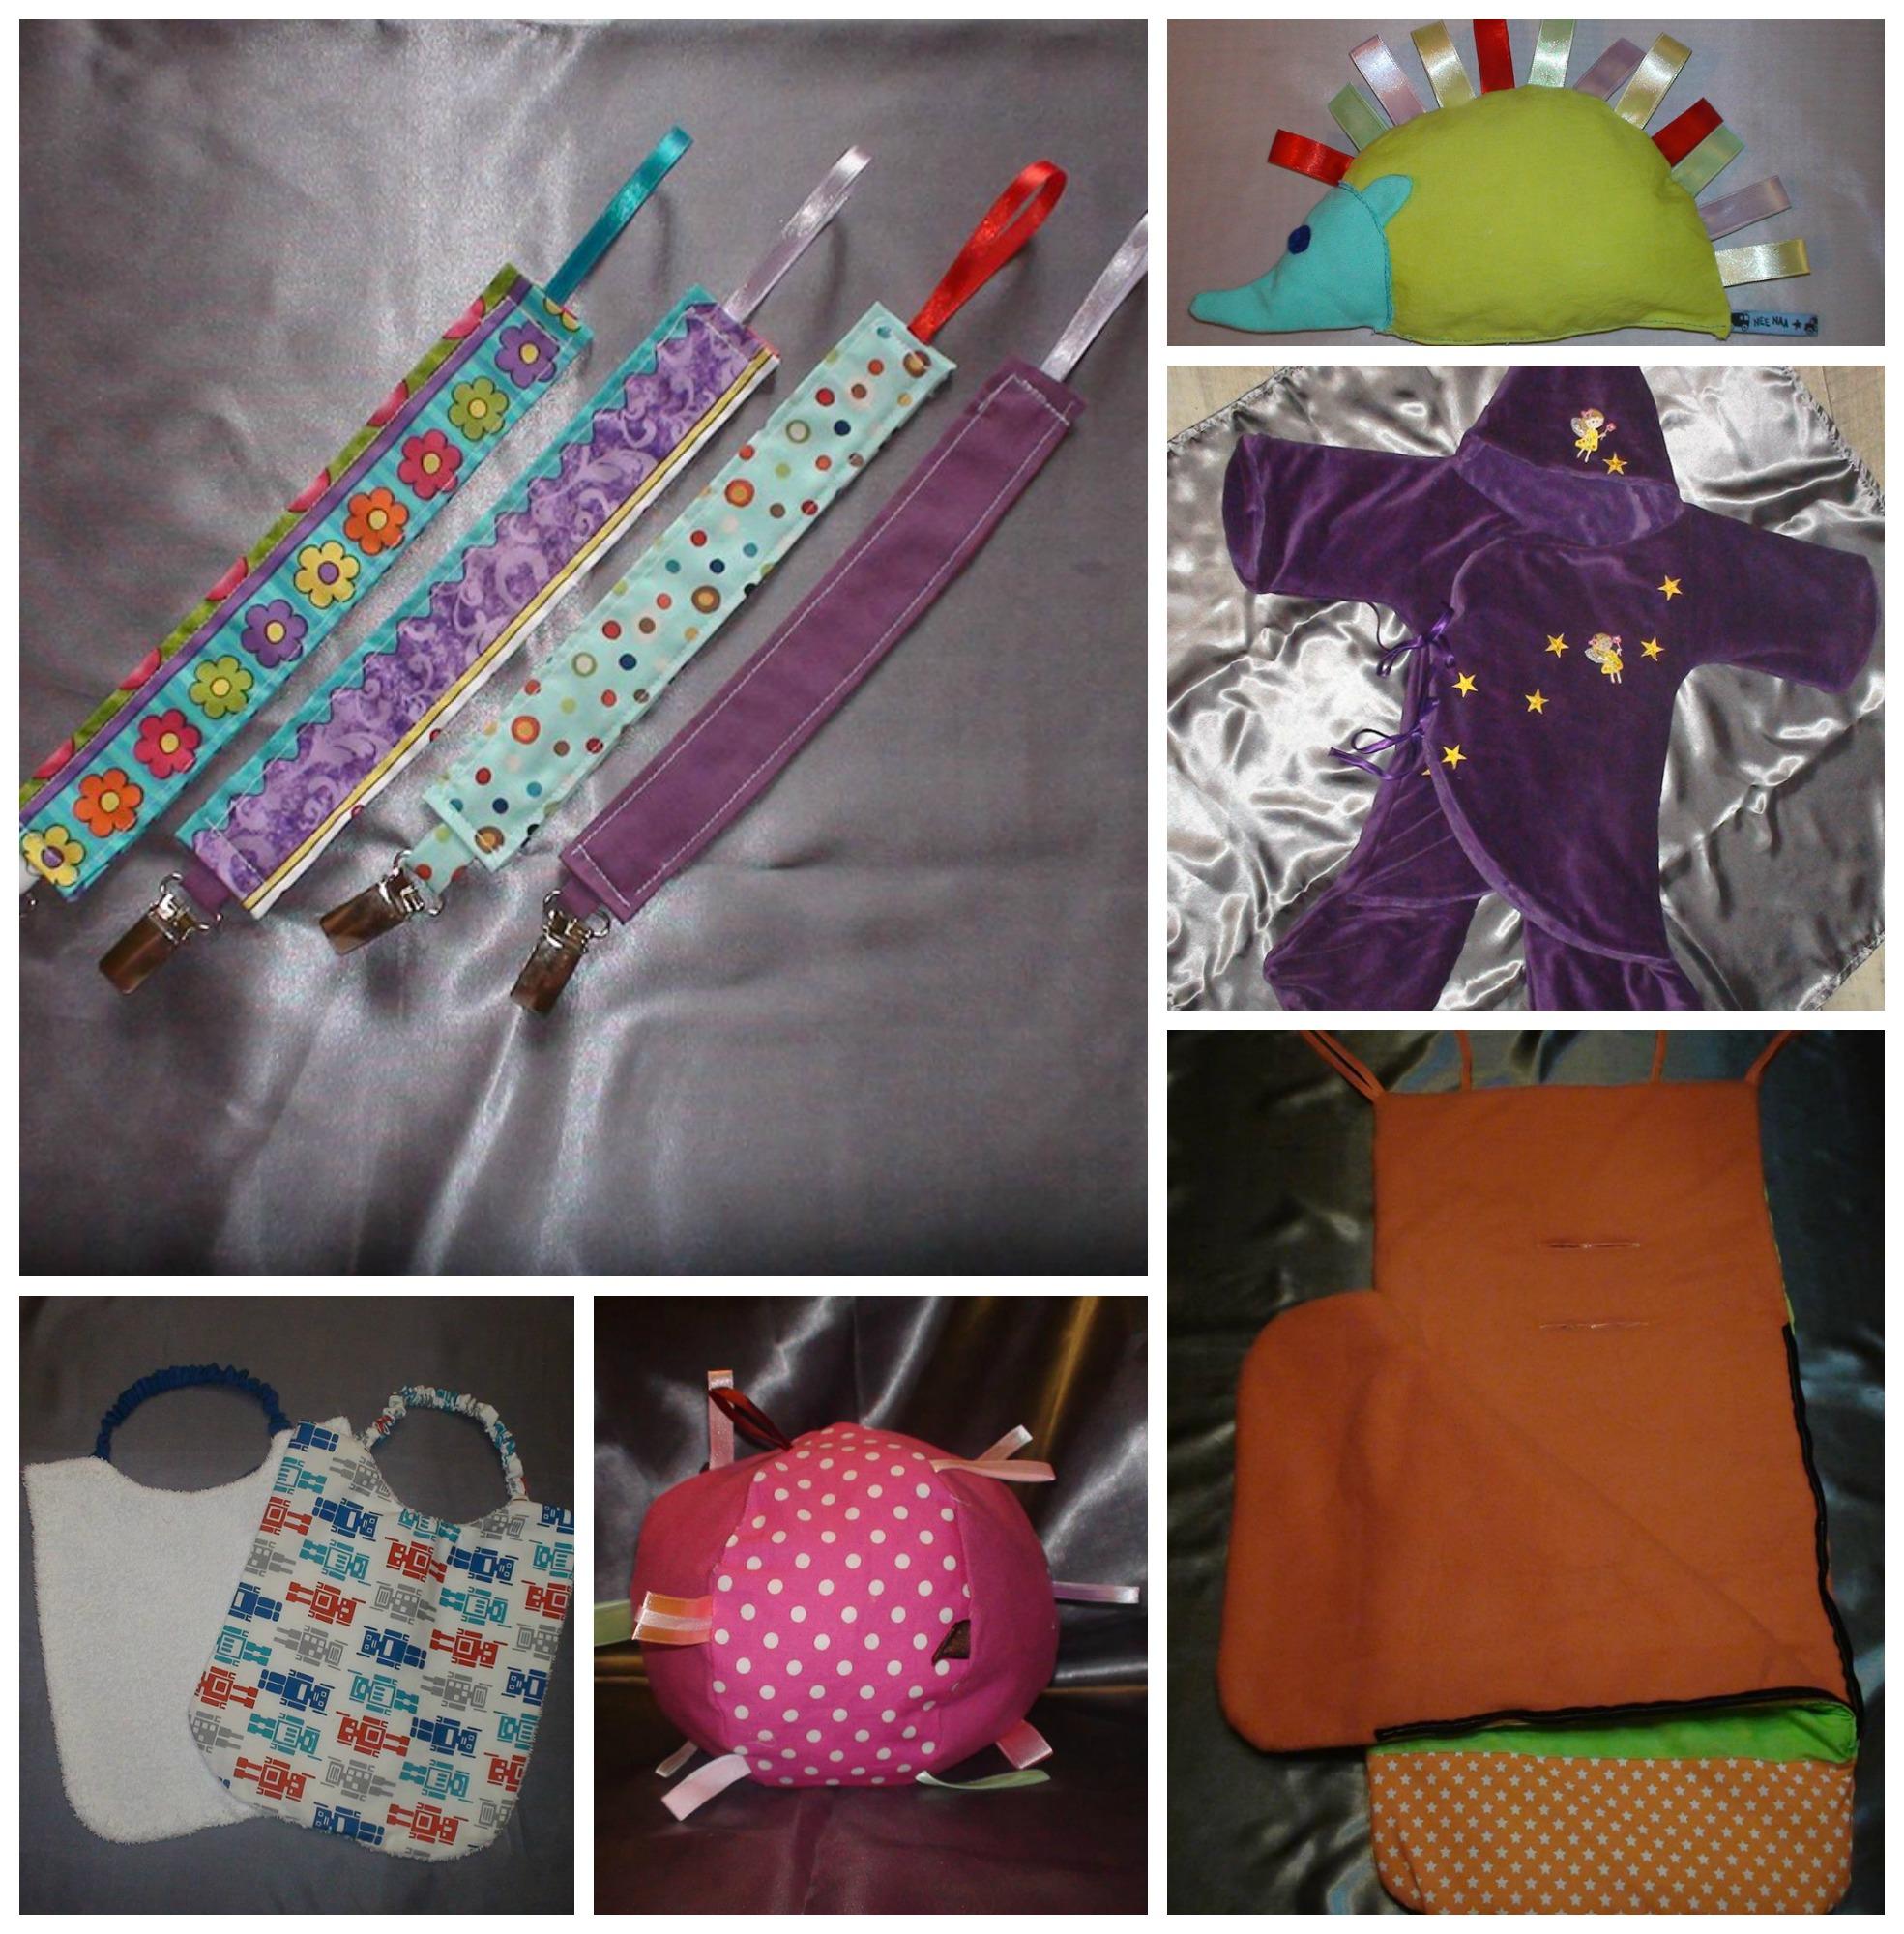 lumi re sur ludi la f e crochet maman floutch blog pour mamans parents de jumeaux clermont. Black Bedroom Furniture Sets. Home Design Ideas